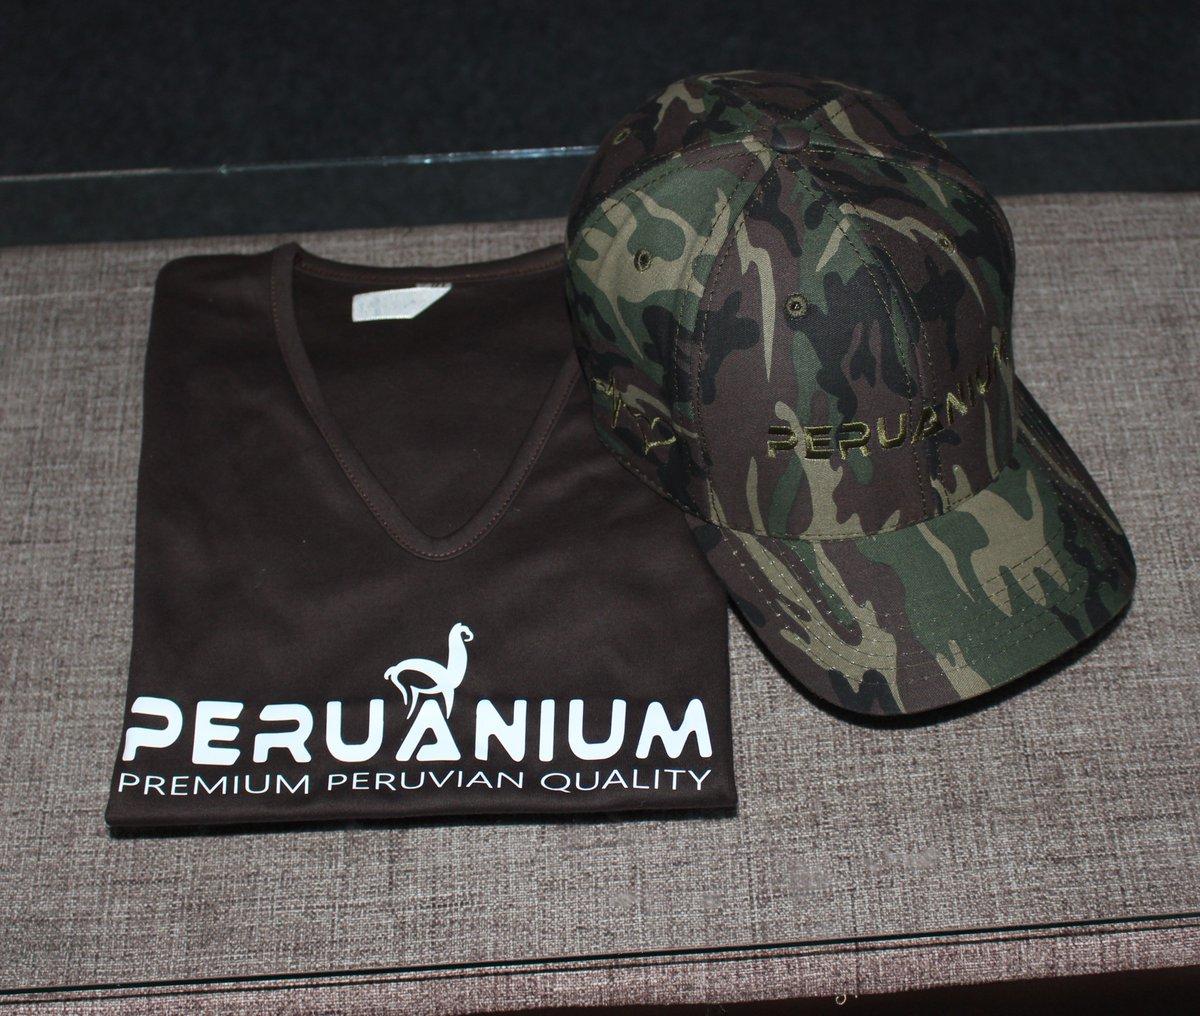 776a4559484 #peruanium is back guys. Estamos de vuelta chicos, sigannos y no se pierdan  nuestras ultimas novedades. #peruanium #snapback #tshirt #girl #premium ...